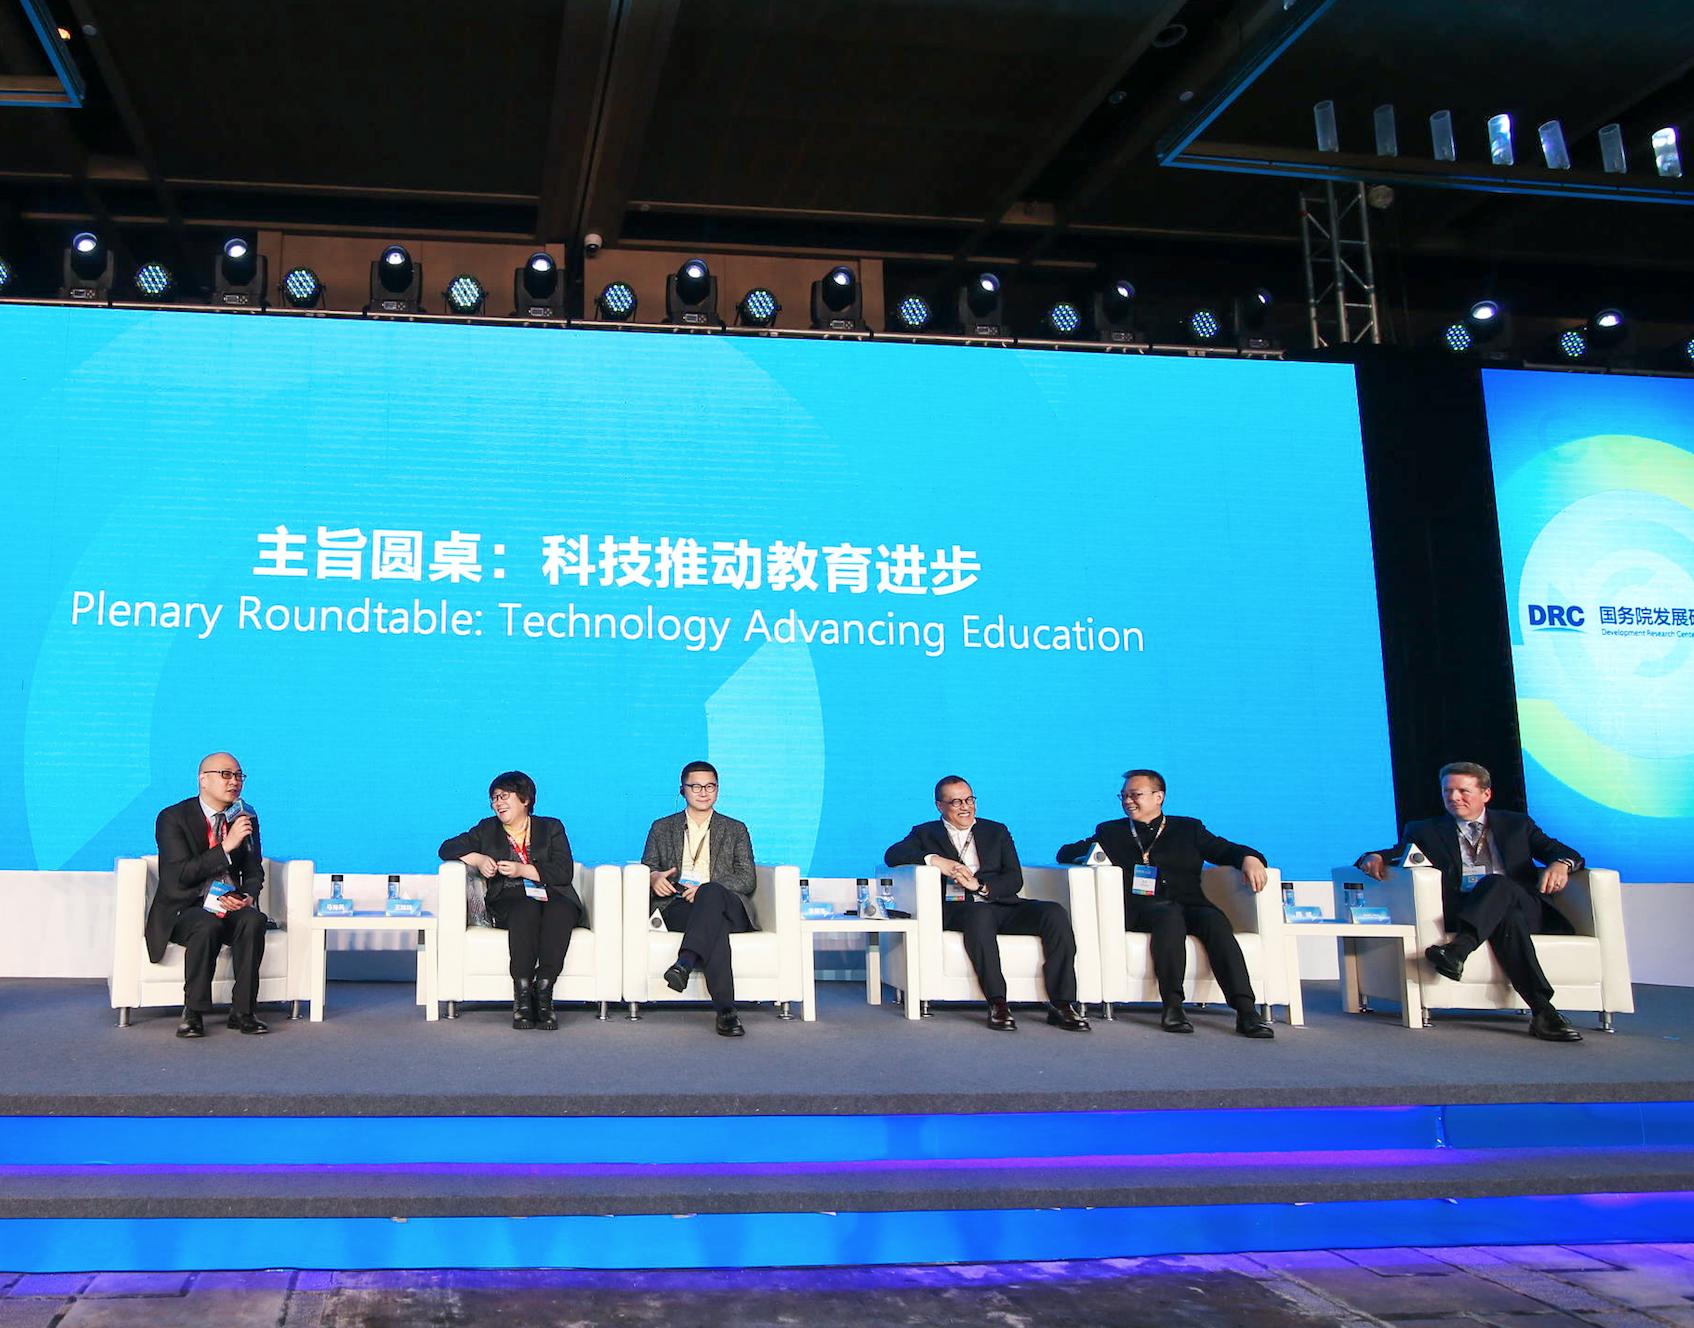 【GES】圆桌论坛:科技推动教育进步,未来的方向在哪里?